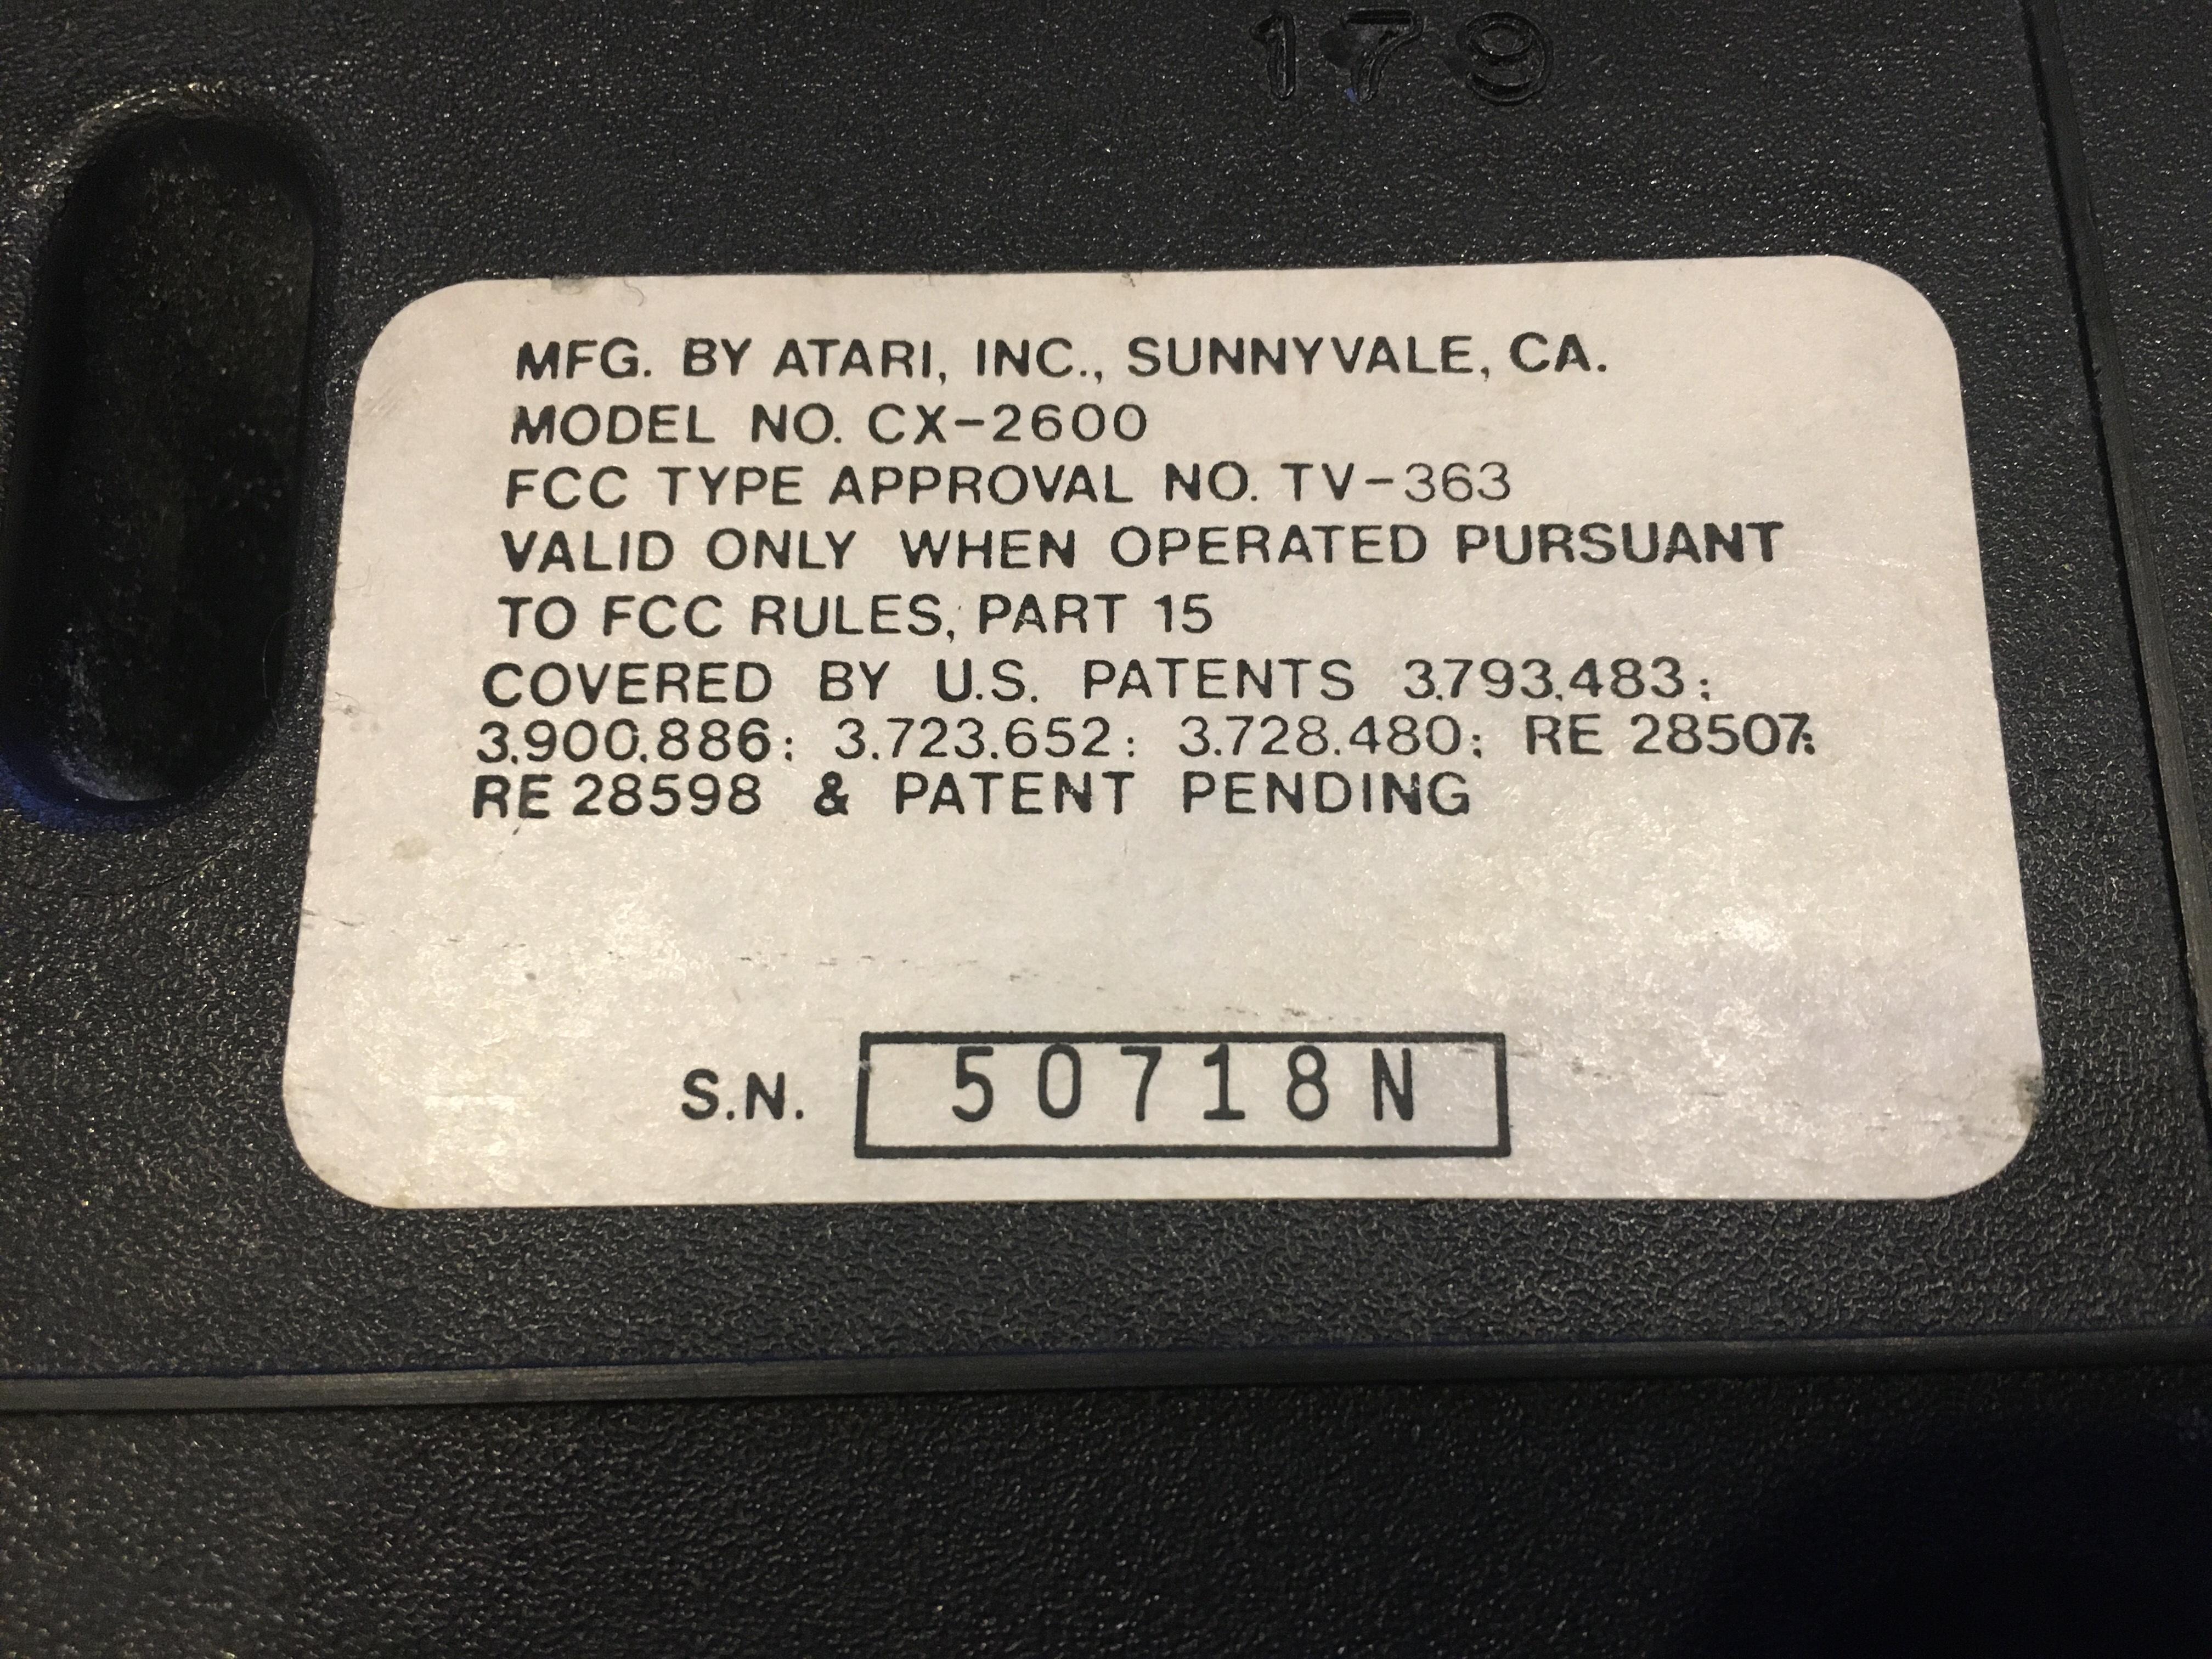 ae3dd4027cf7f53fbf911841cb02e2bd.plist